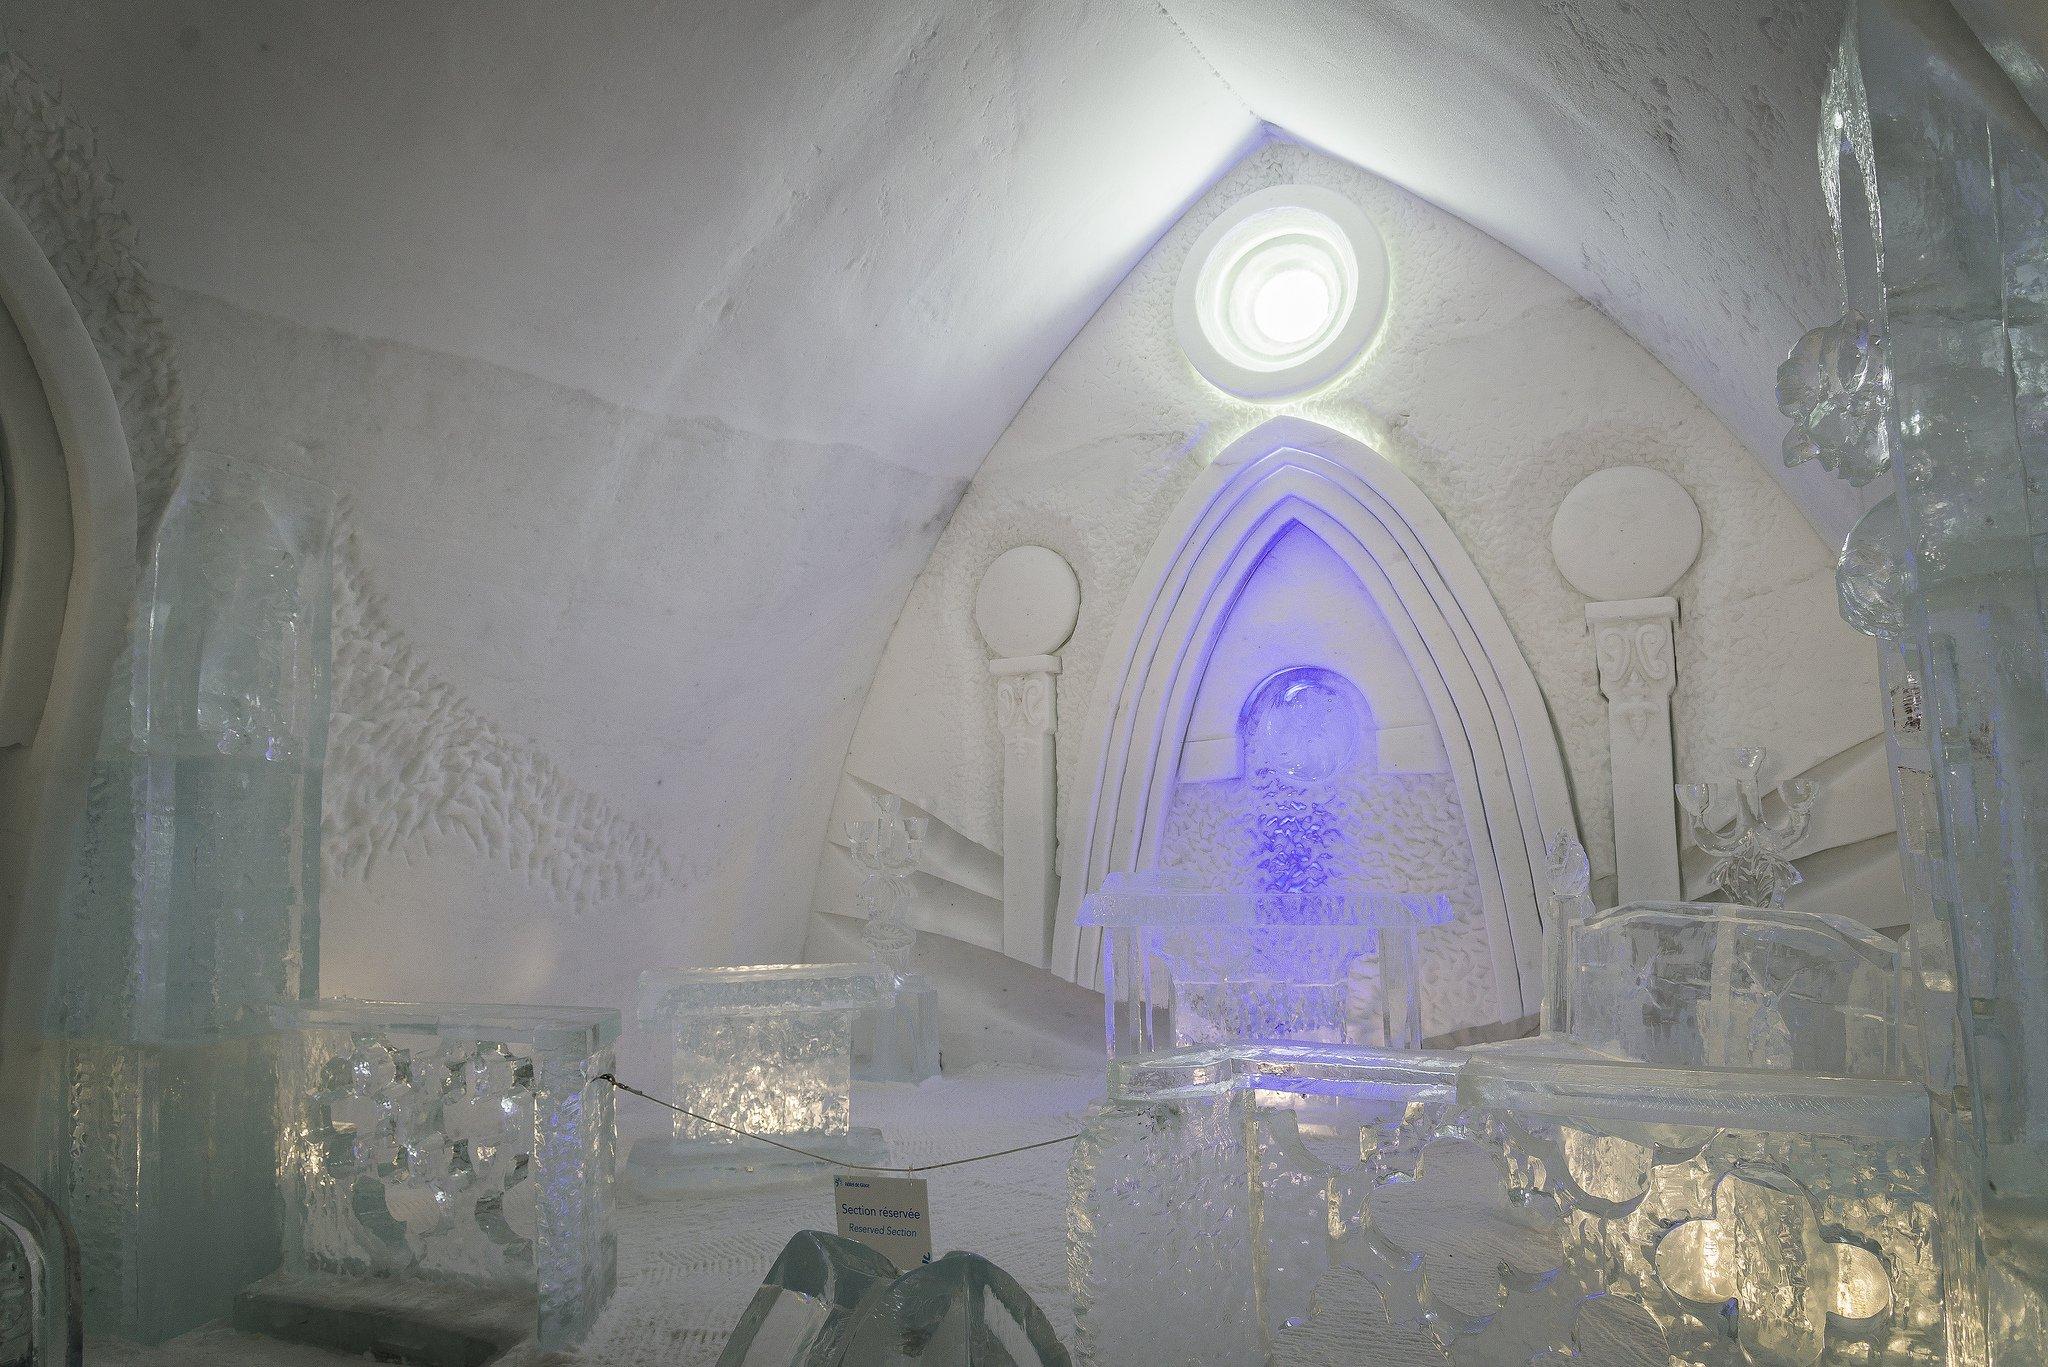 Ледяной отель в Квебеке, Канада Для тех, кто любит мультфильм «Холодное сердце», нет лучше места для